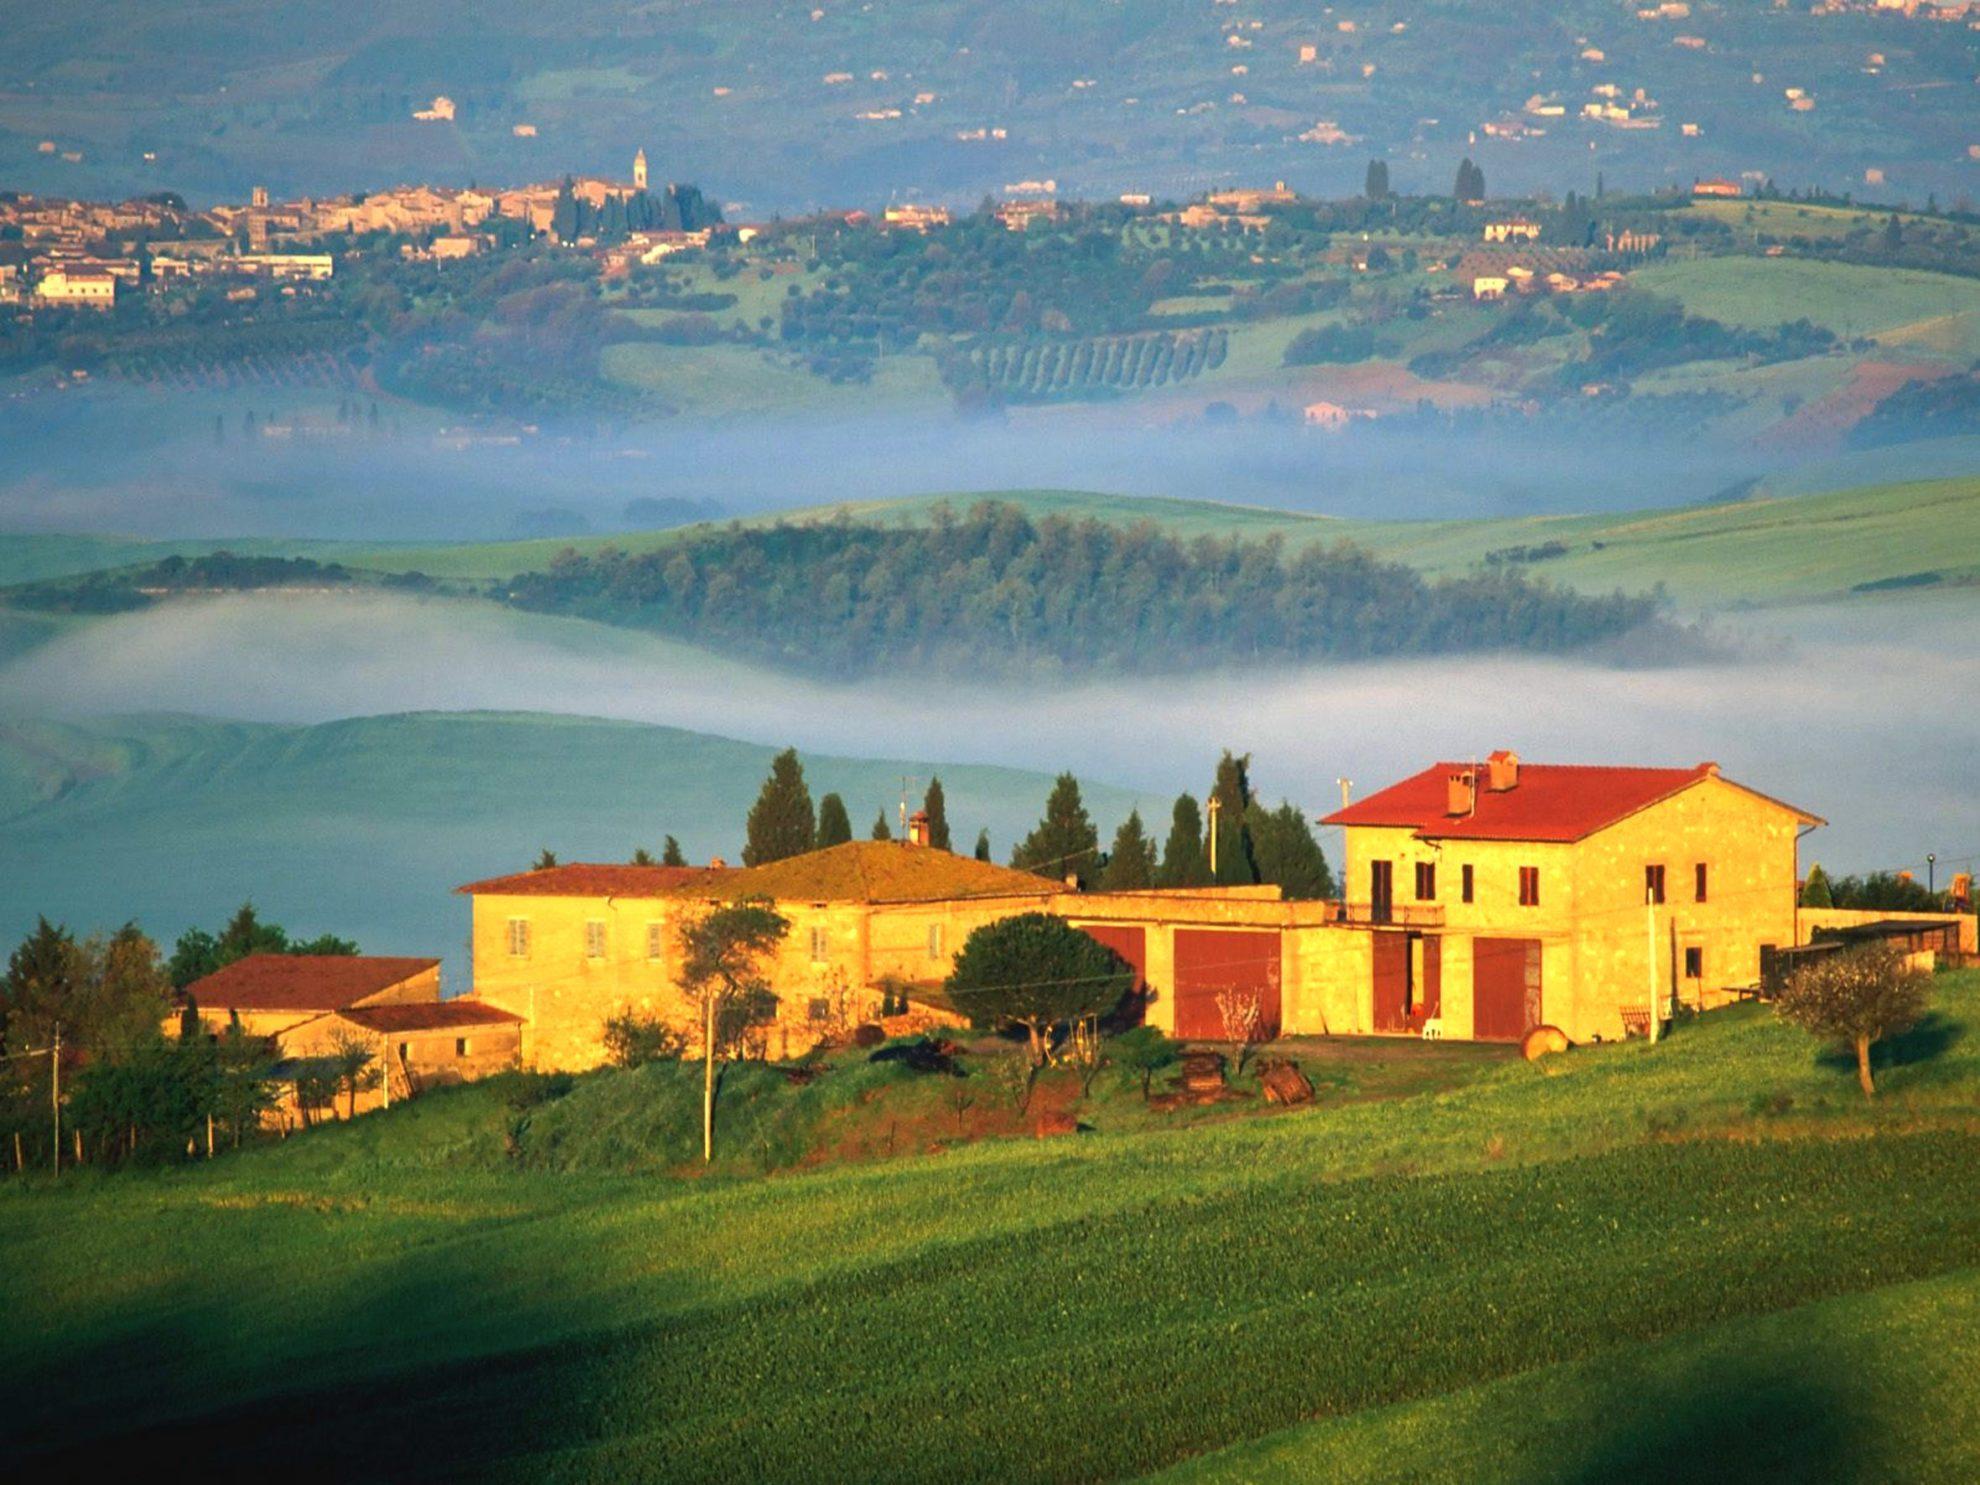 val_d_orcia_tuscany_italy_1600x1200